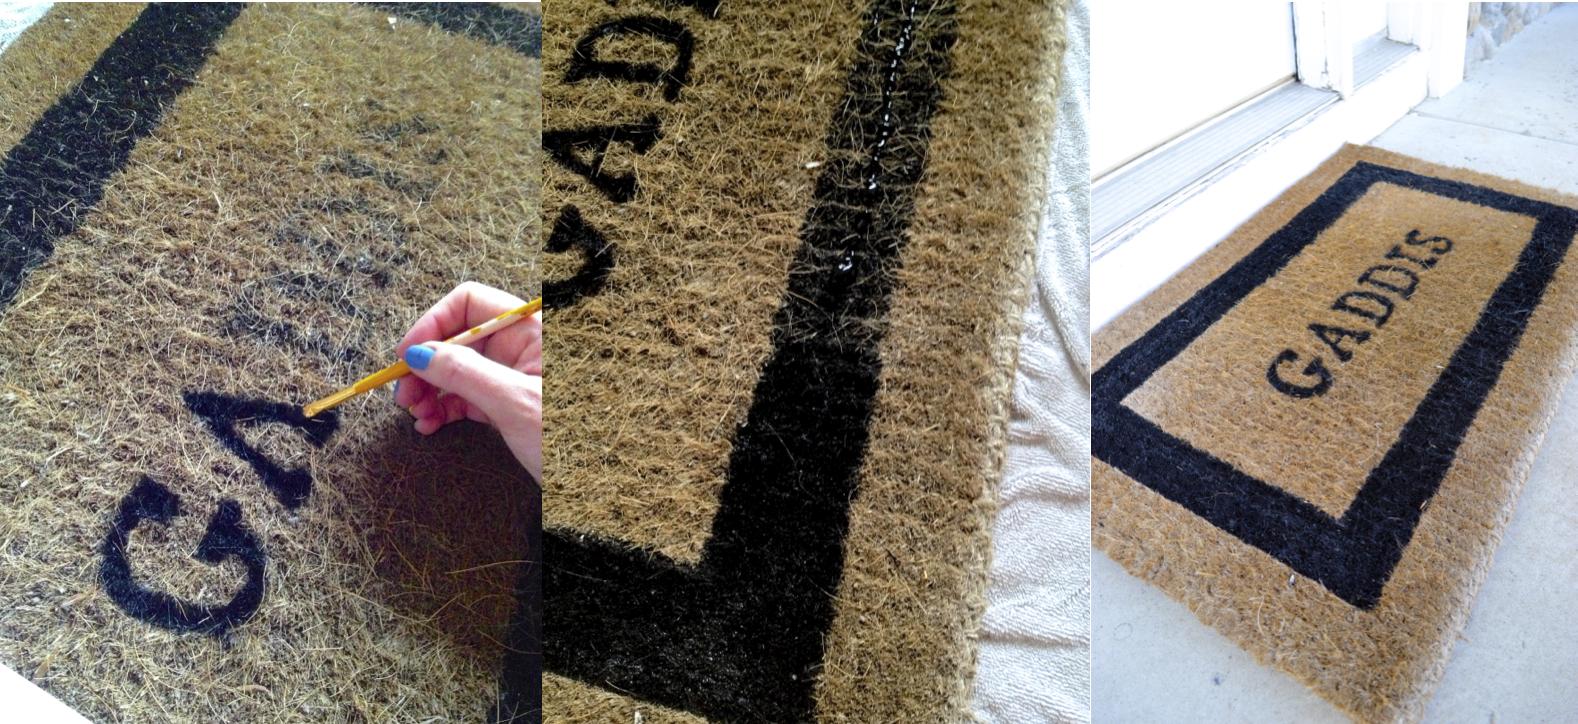 Repainting Old Doormats |